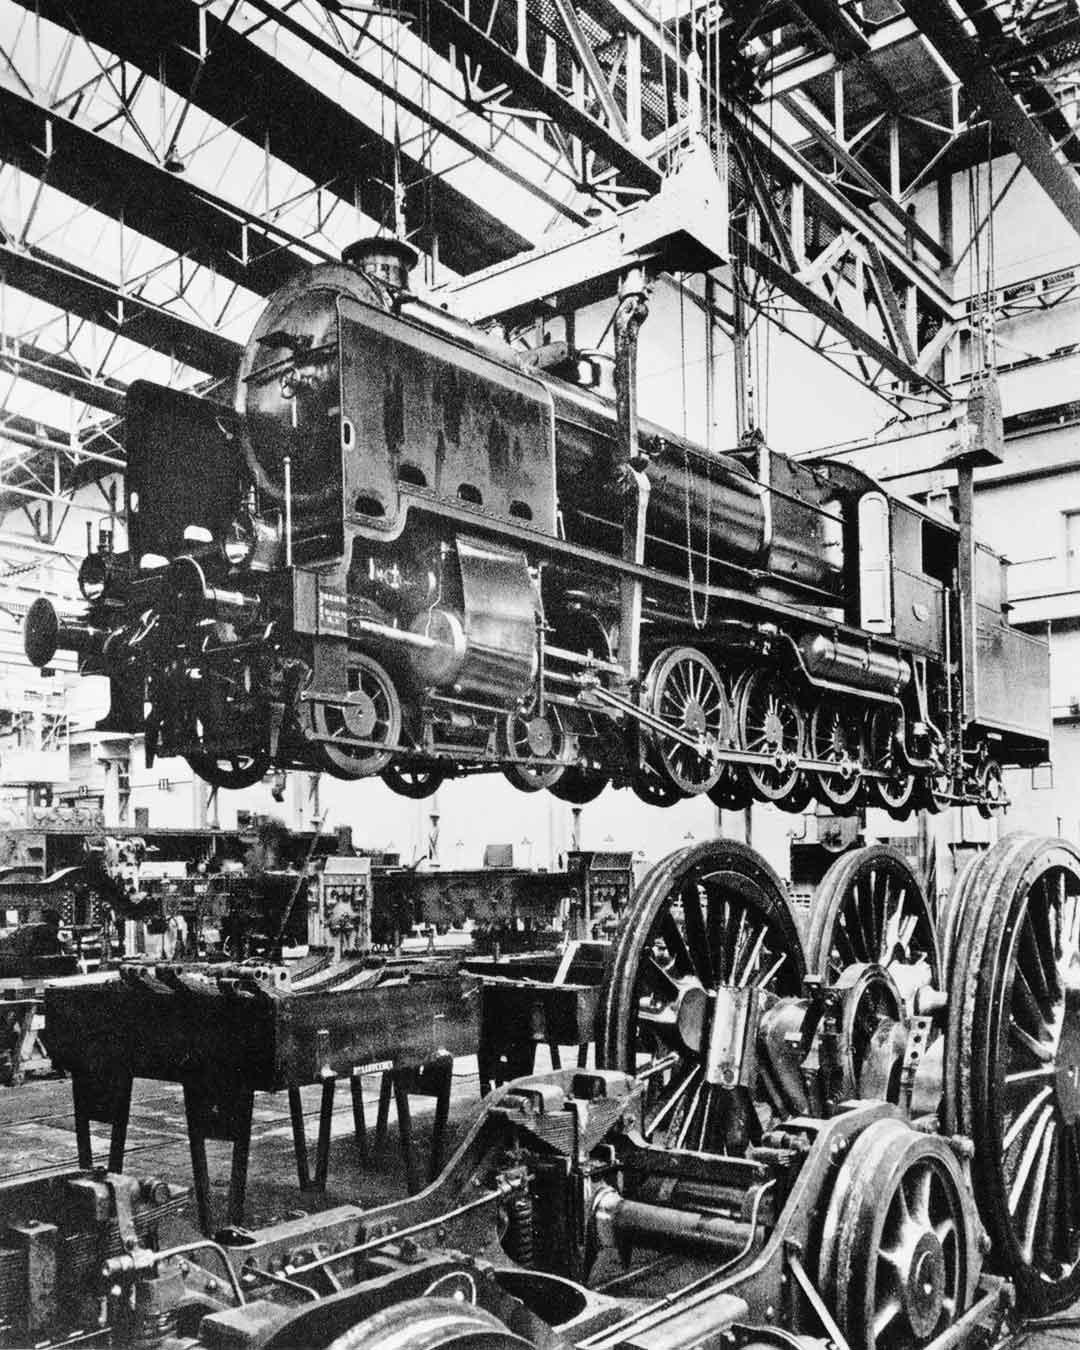 Donk - Project: Ontdek de Spoorzone - Locomotief